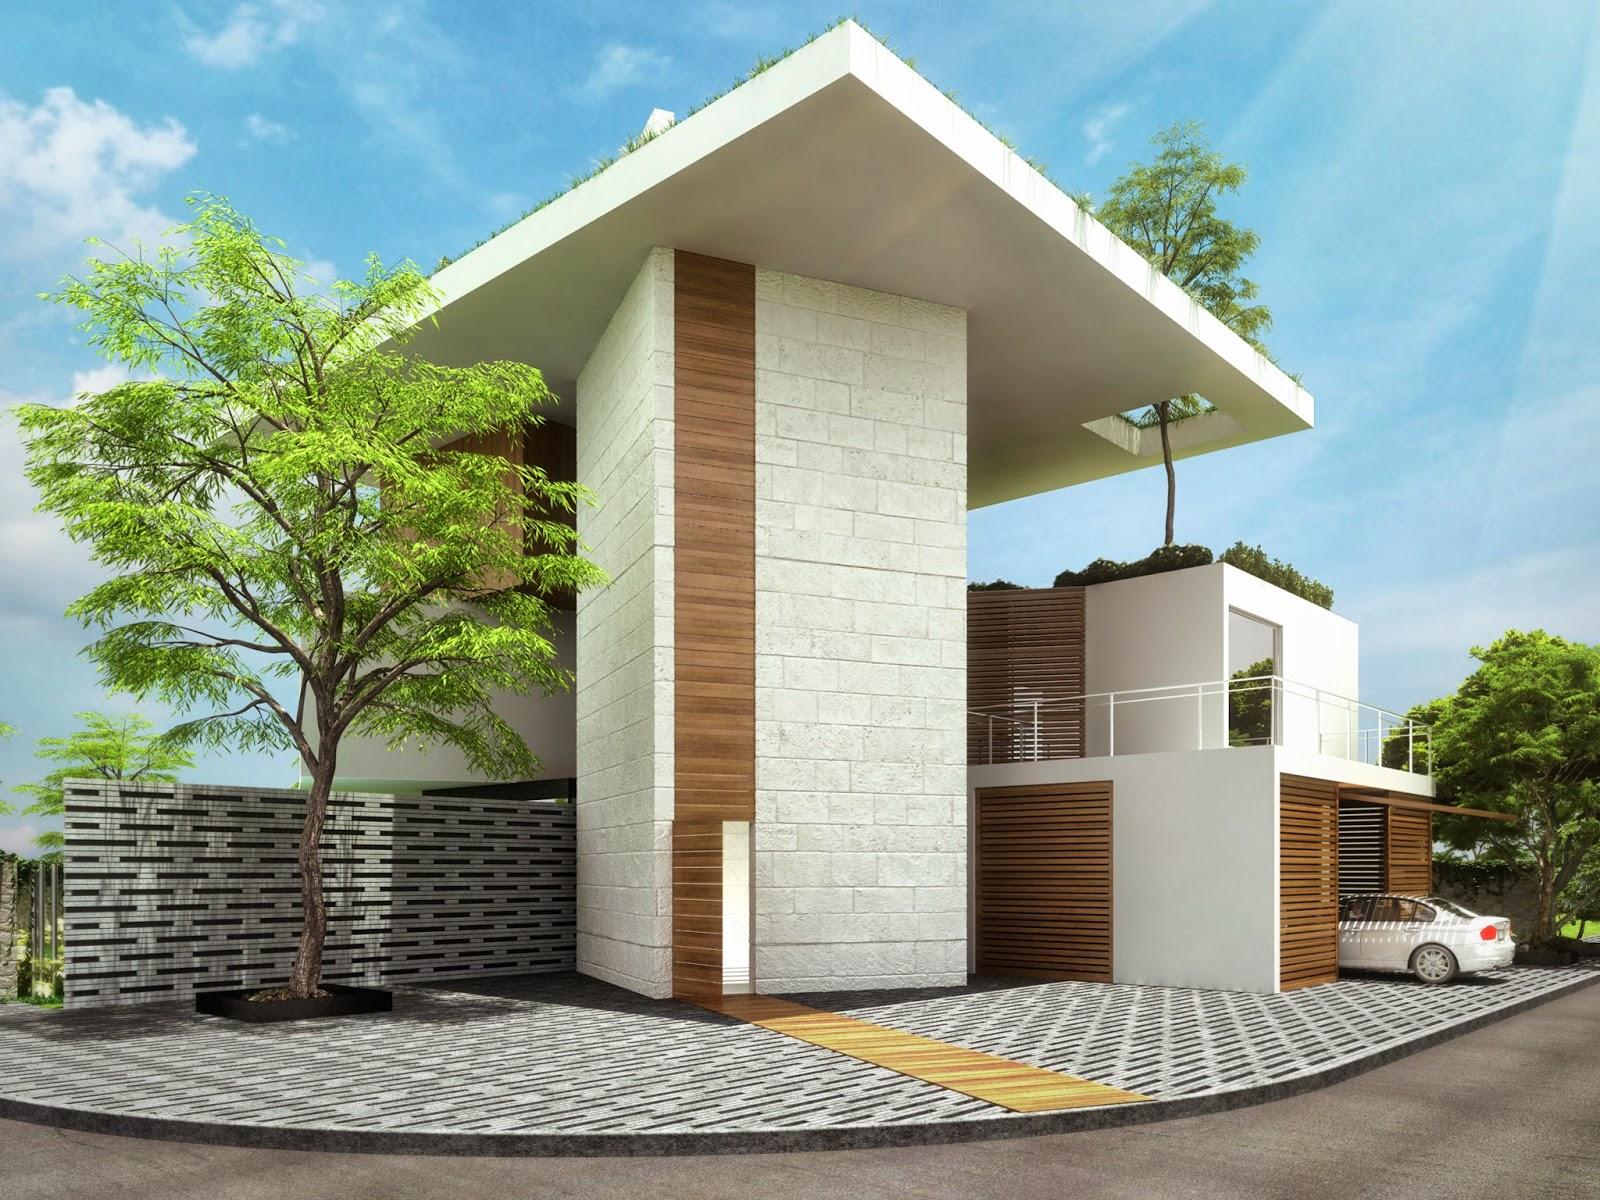 Revista digital apuntes de arquitectura septiembre 2013 - Mi casa merida ...